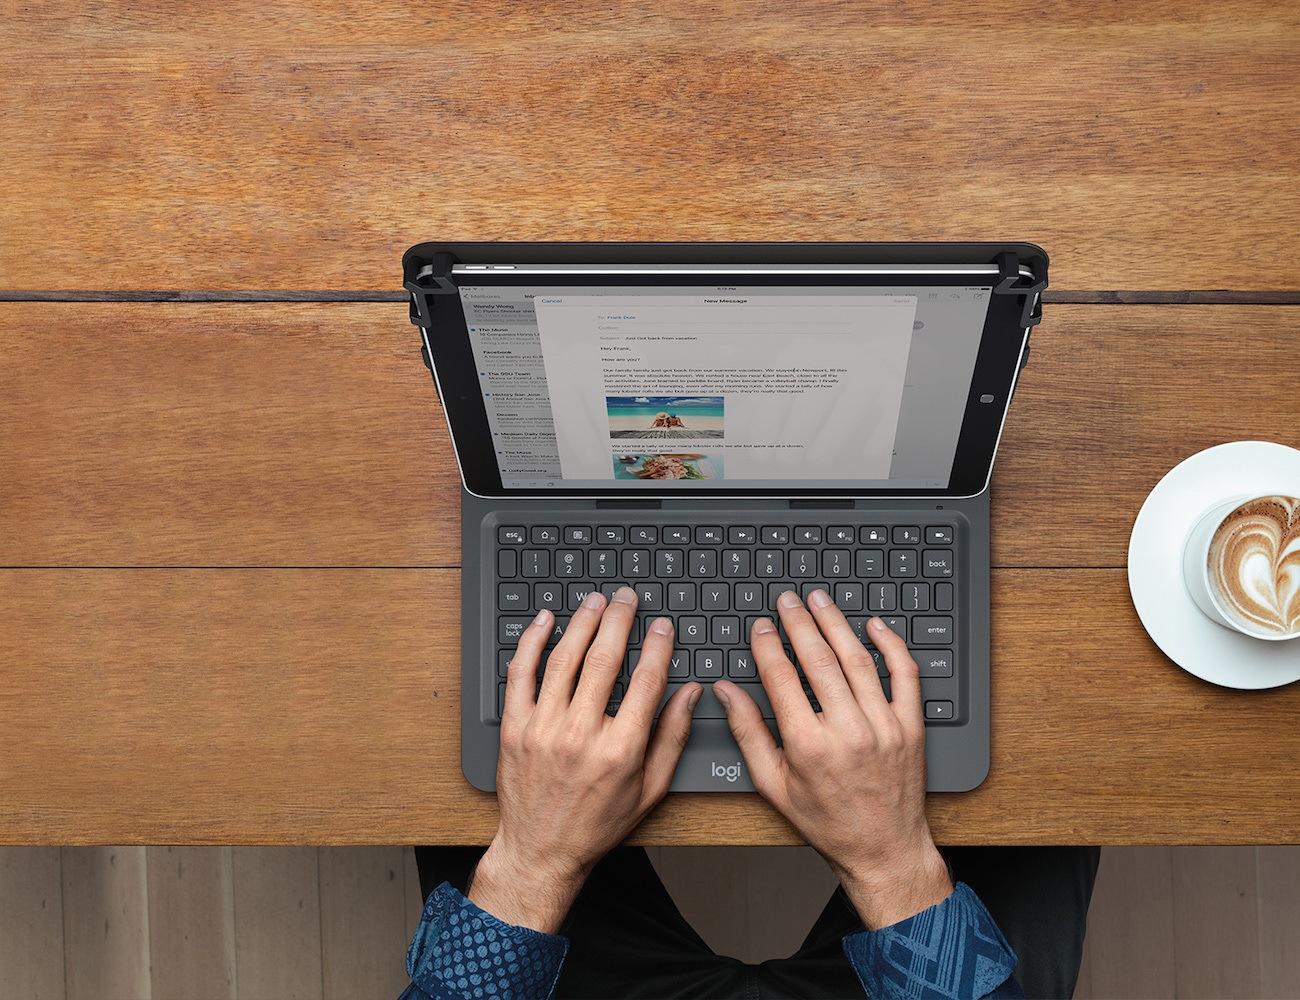 Logitech+Tablet+Keyboard+Case